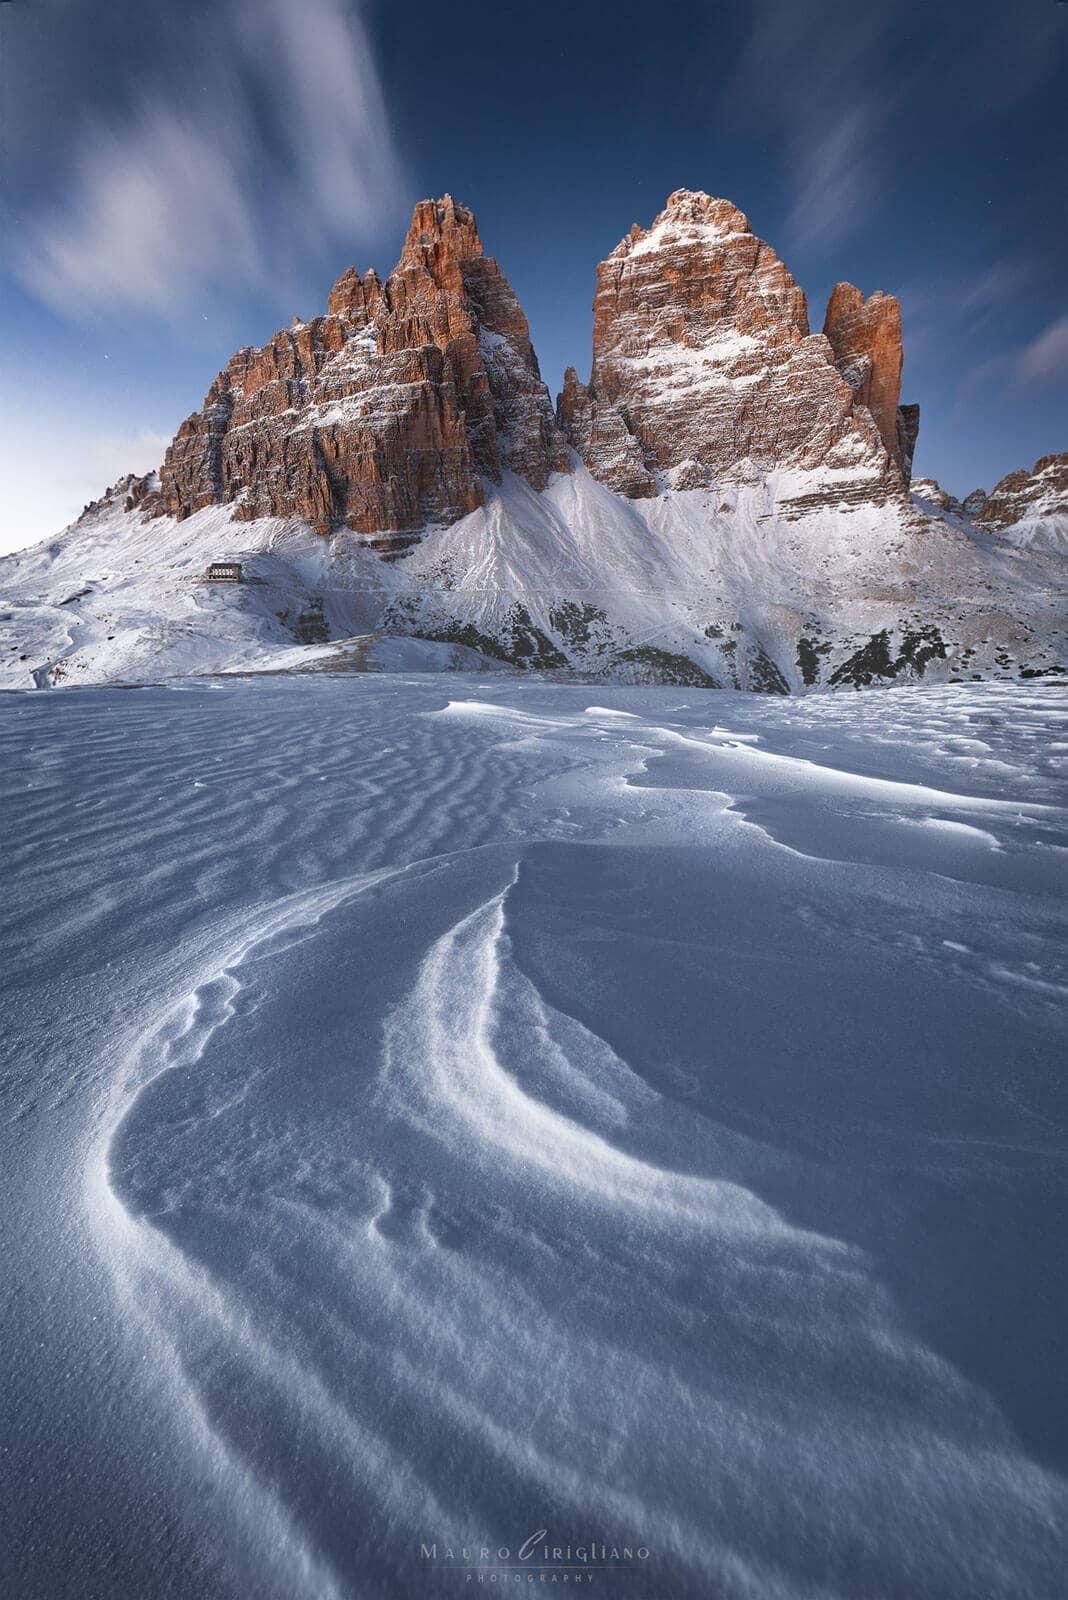 disegni sulla neve con tre cime di lavaredo sullo sfondo